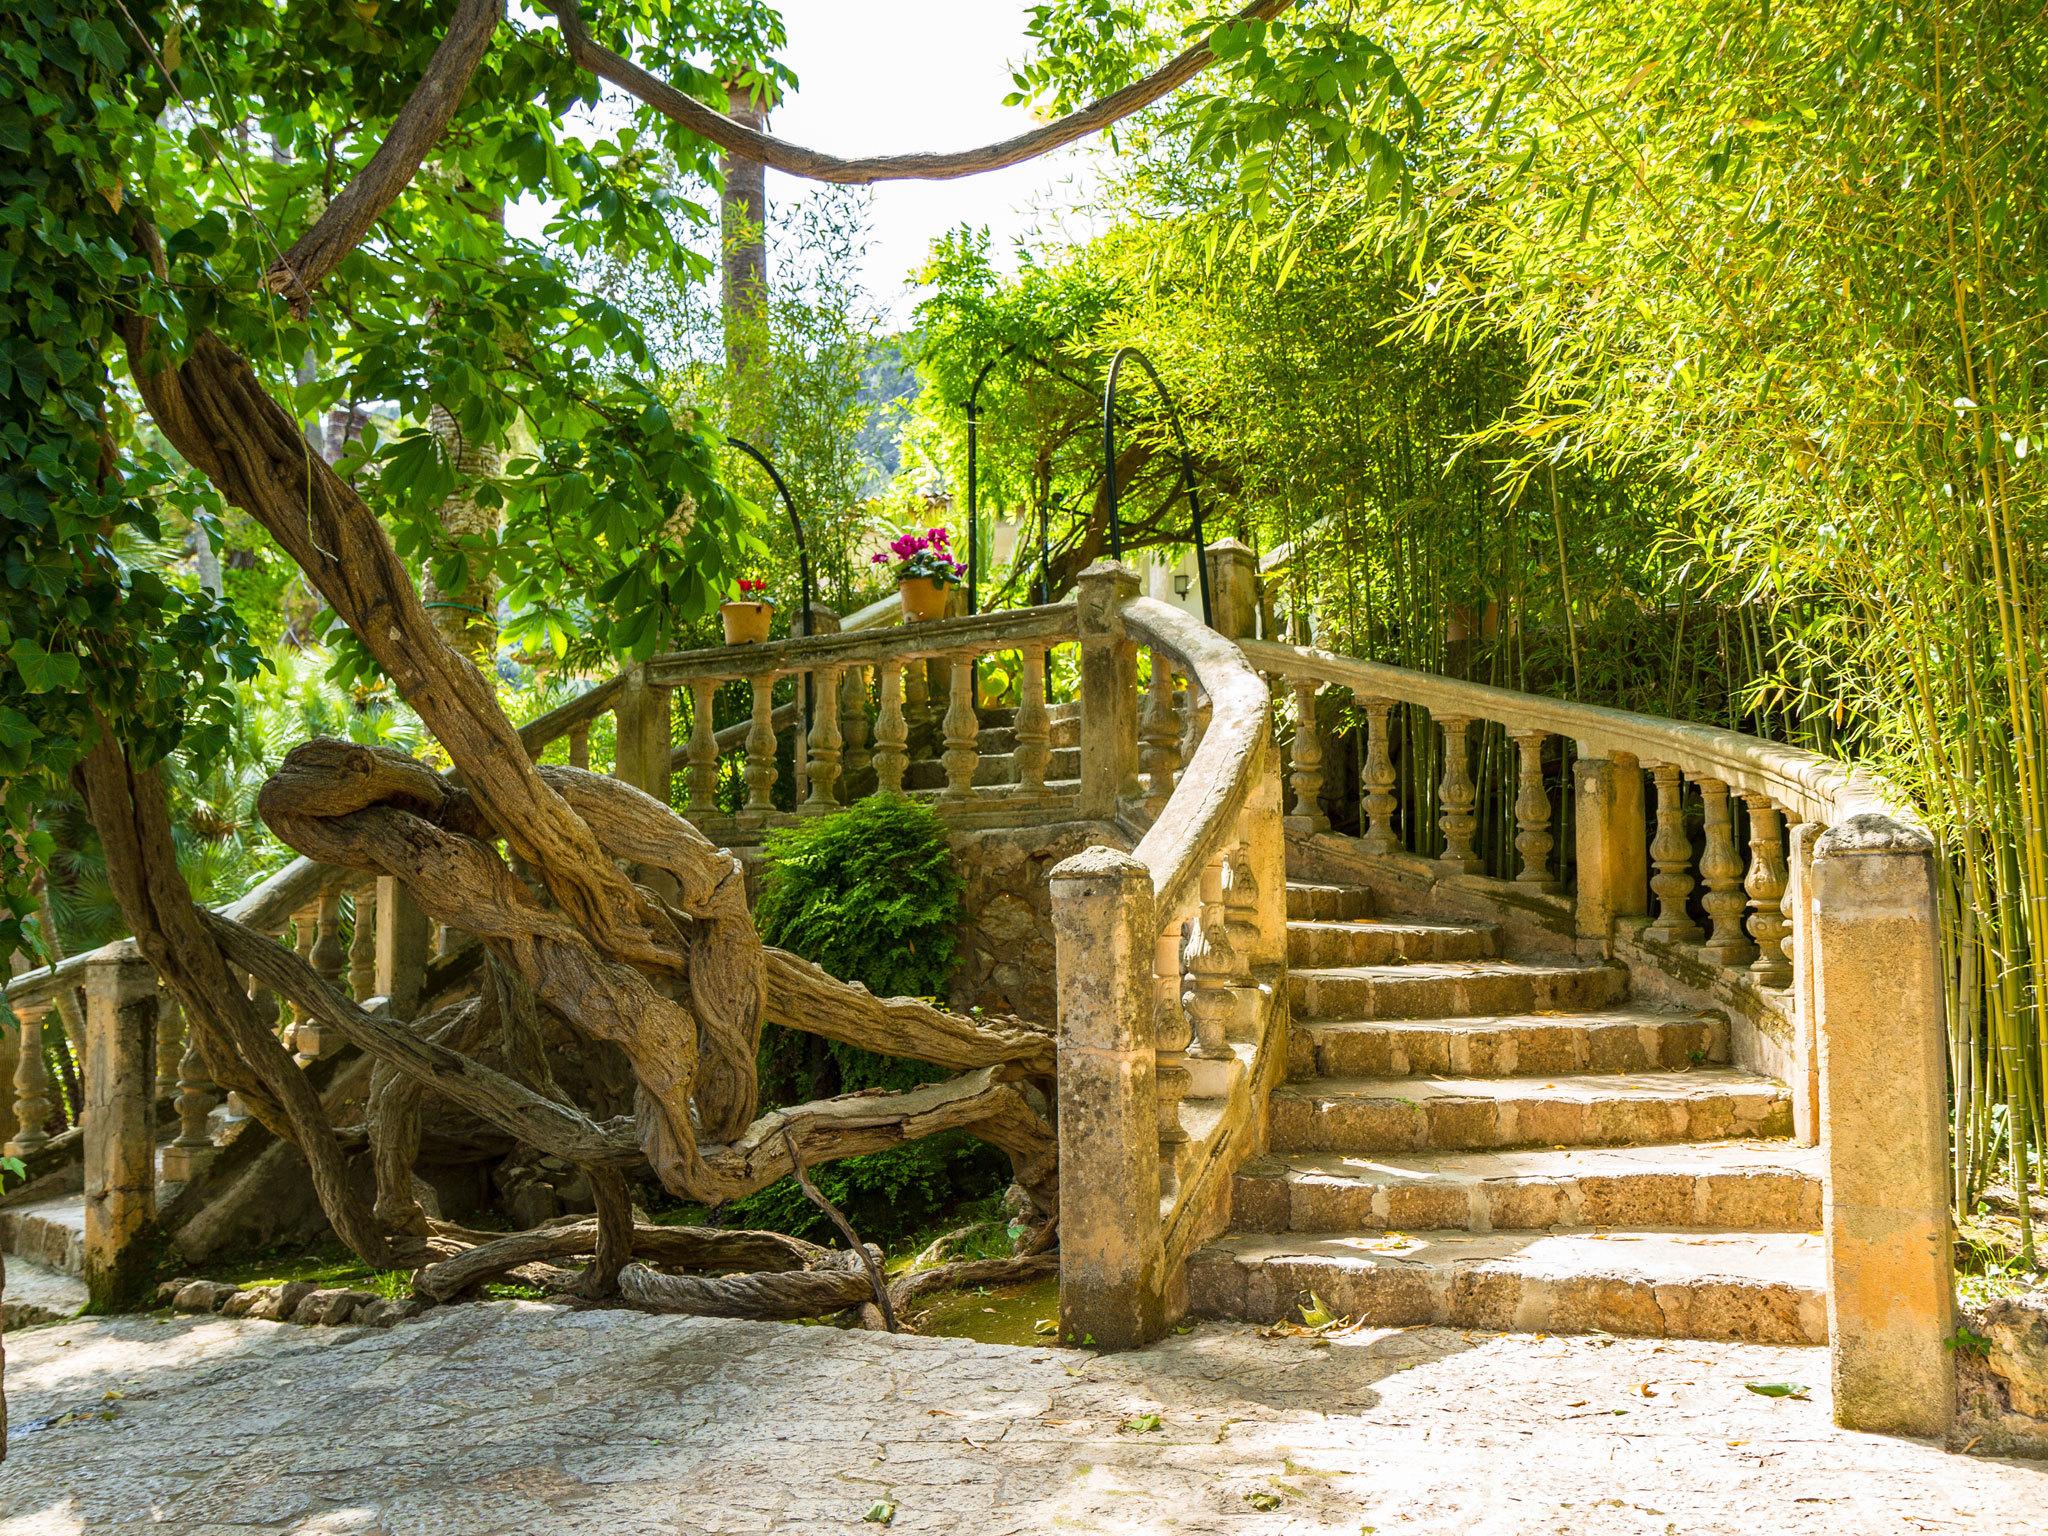 Alfabia Gardens - Majorca - Spain